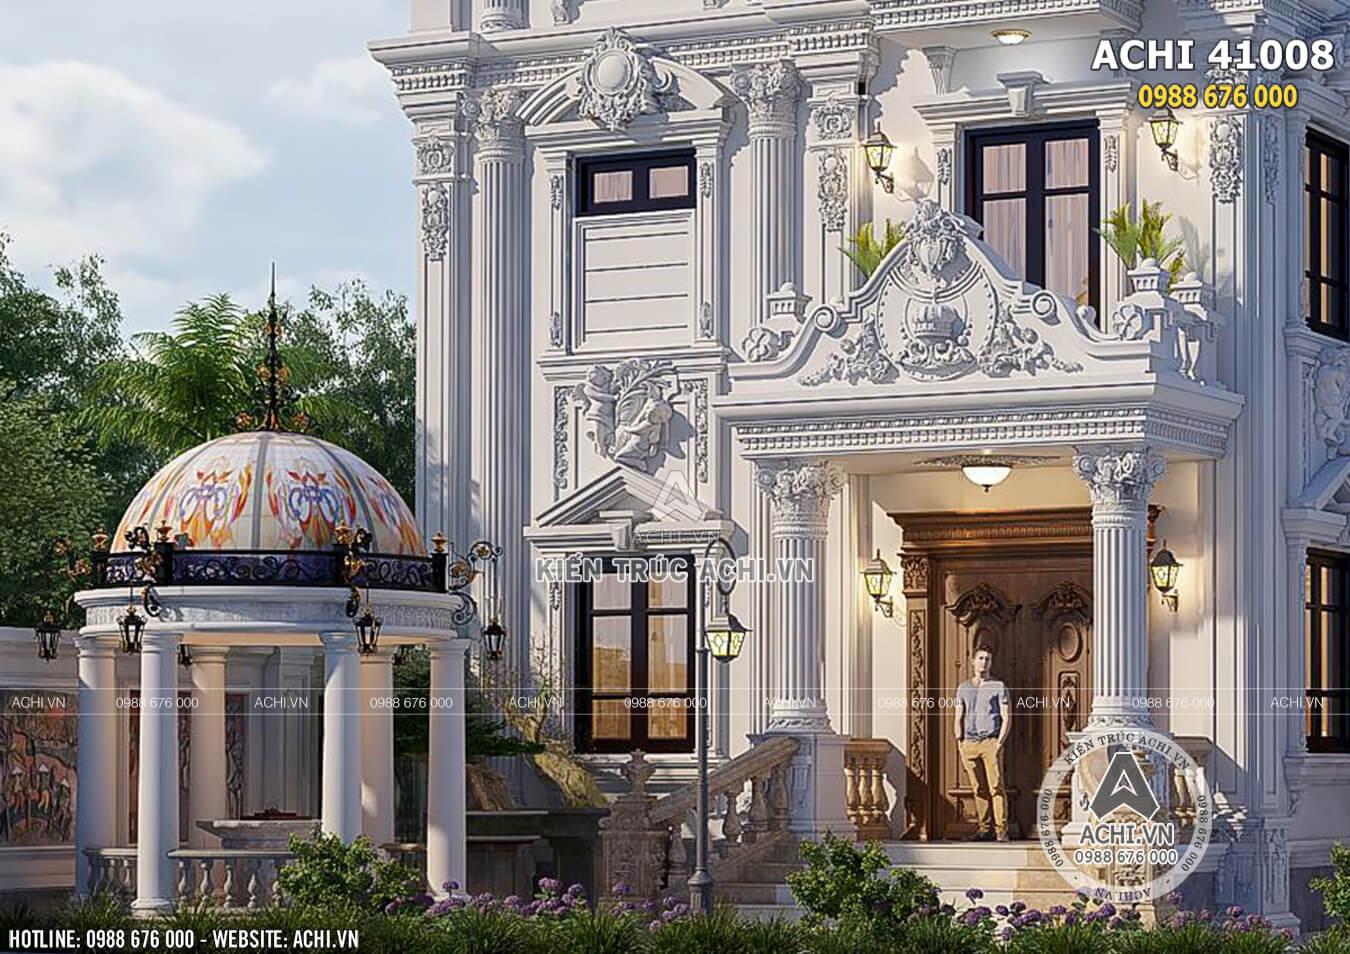 Chi tiết sảnh của ngôi biệt thự 4 tầng kiến trúc tân cổ điển